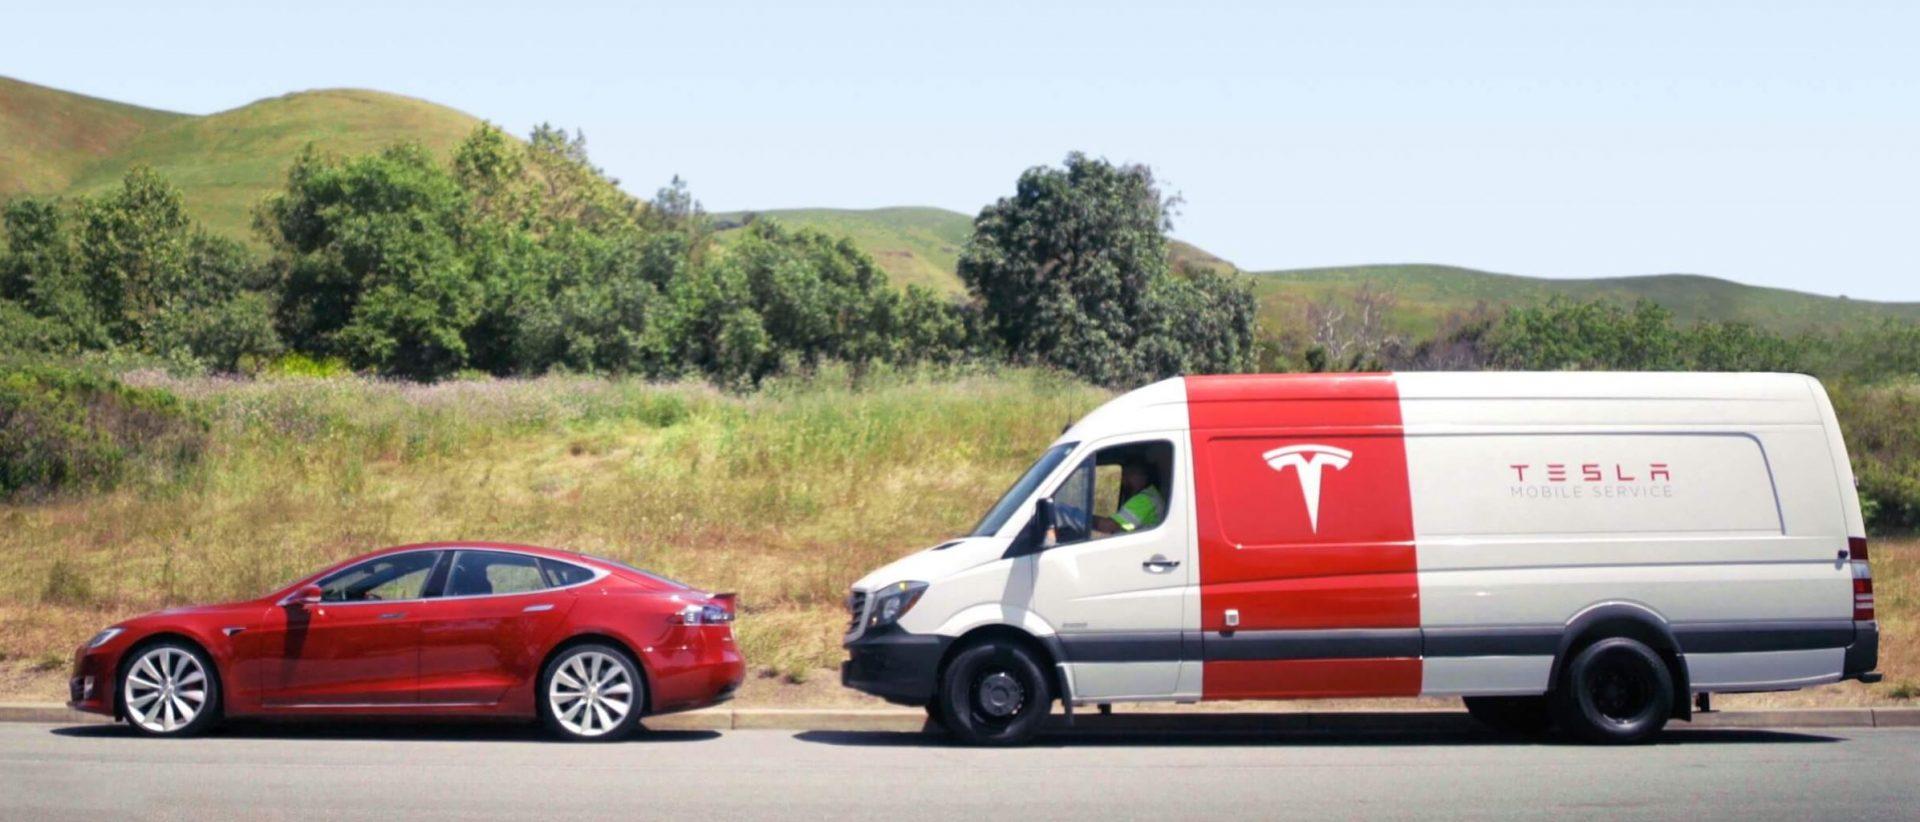 Владельцы Tesla вскоре смогут вызывать мобильную бригаду ремонтников через приложение 1